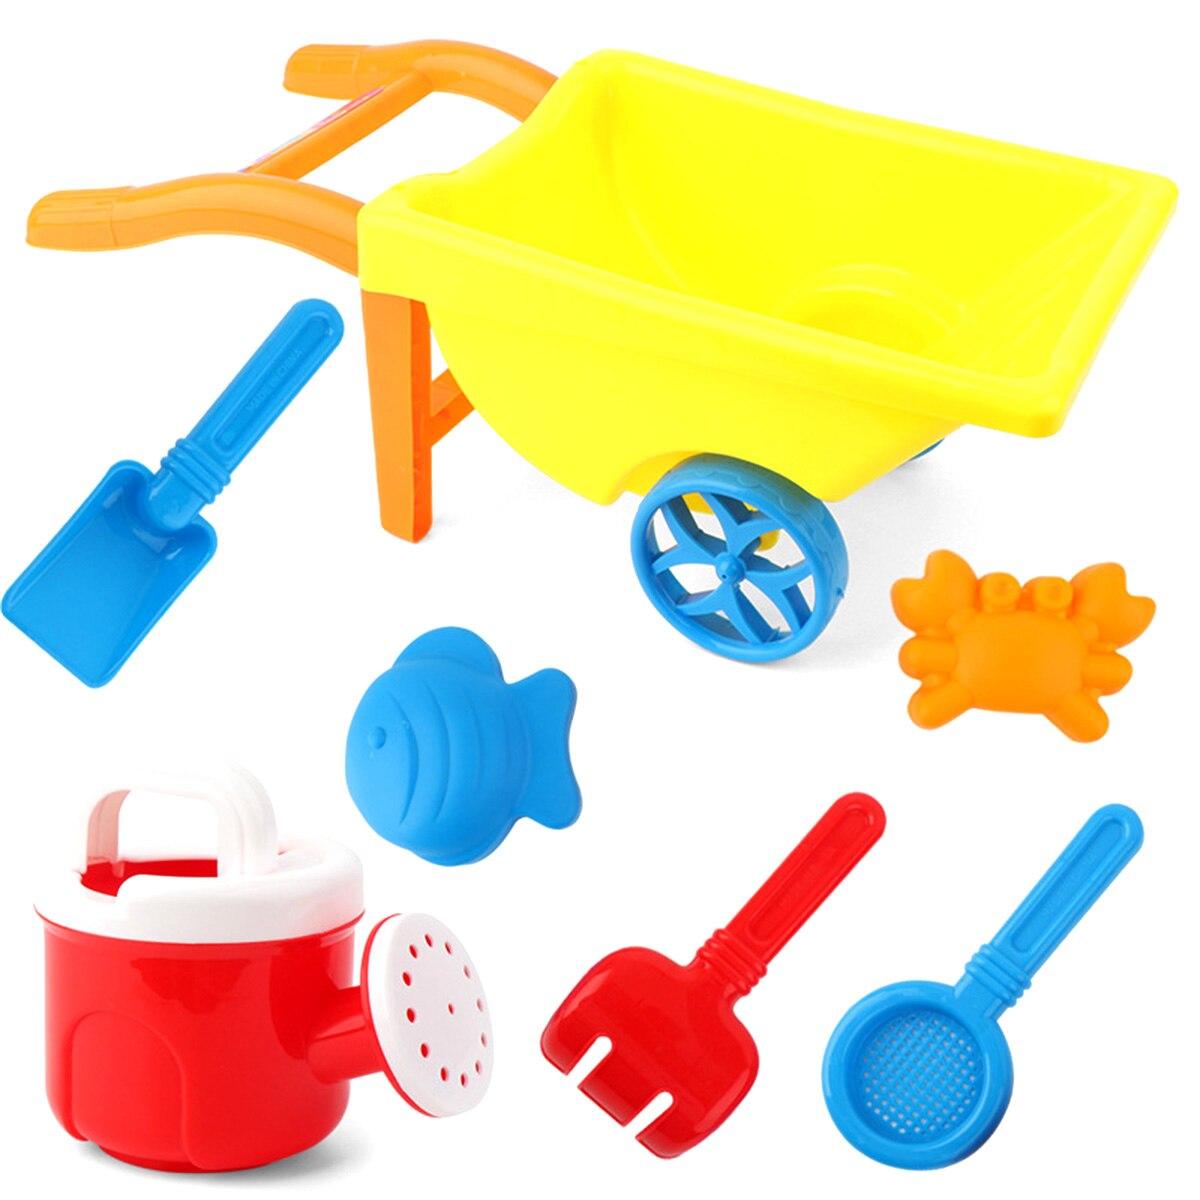 Bébé enfants plage jouet ensemble Silicone pelle trousse à outils enfants été plage jouer sable seau râteau bac à sable ensemble jouets